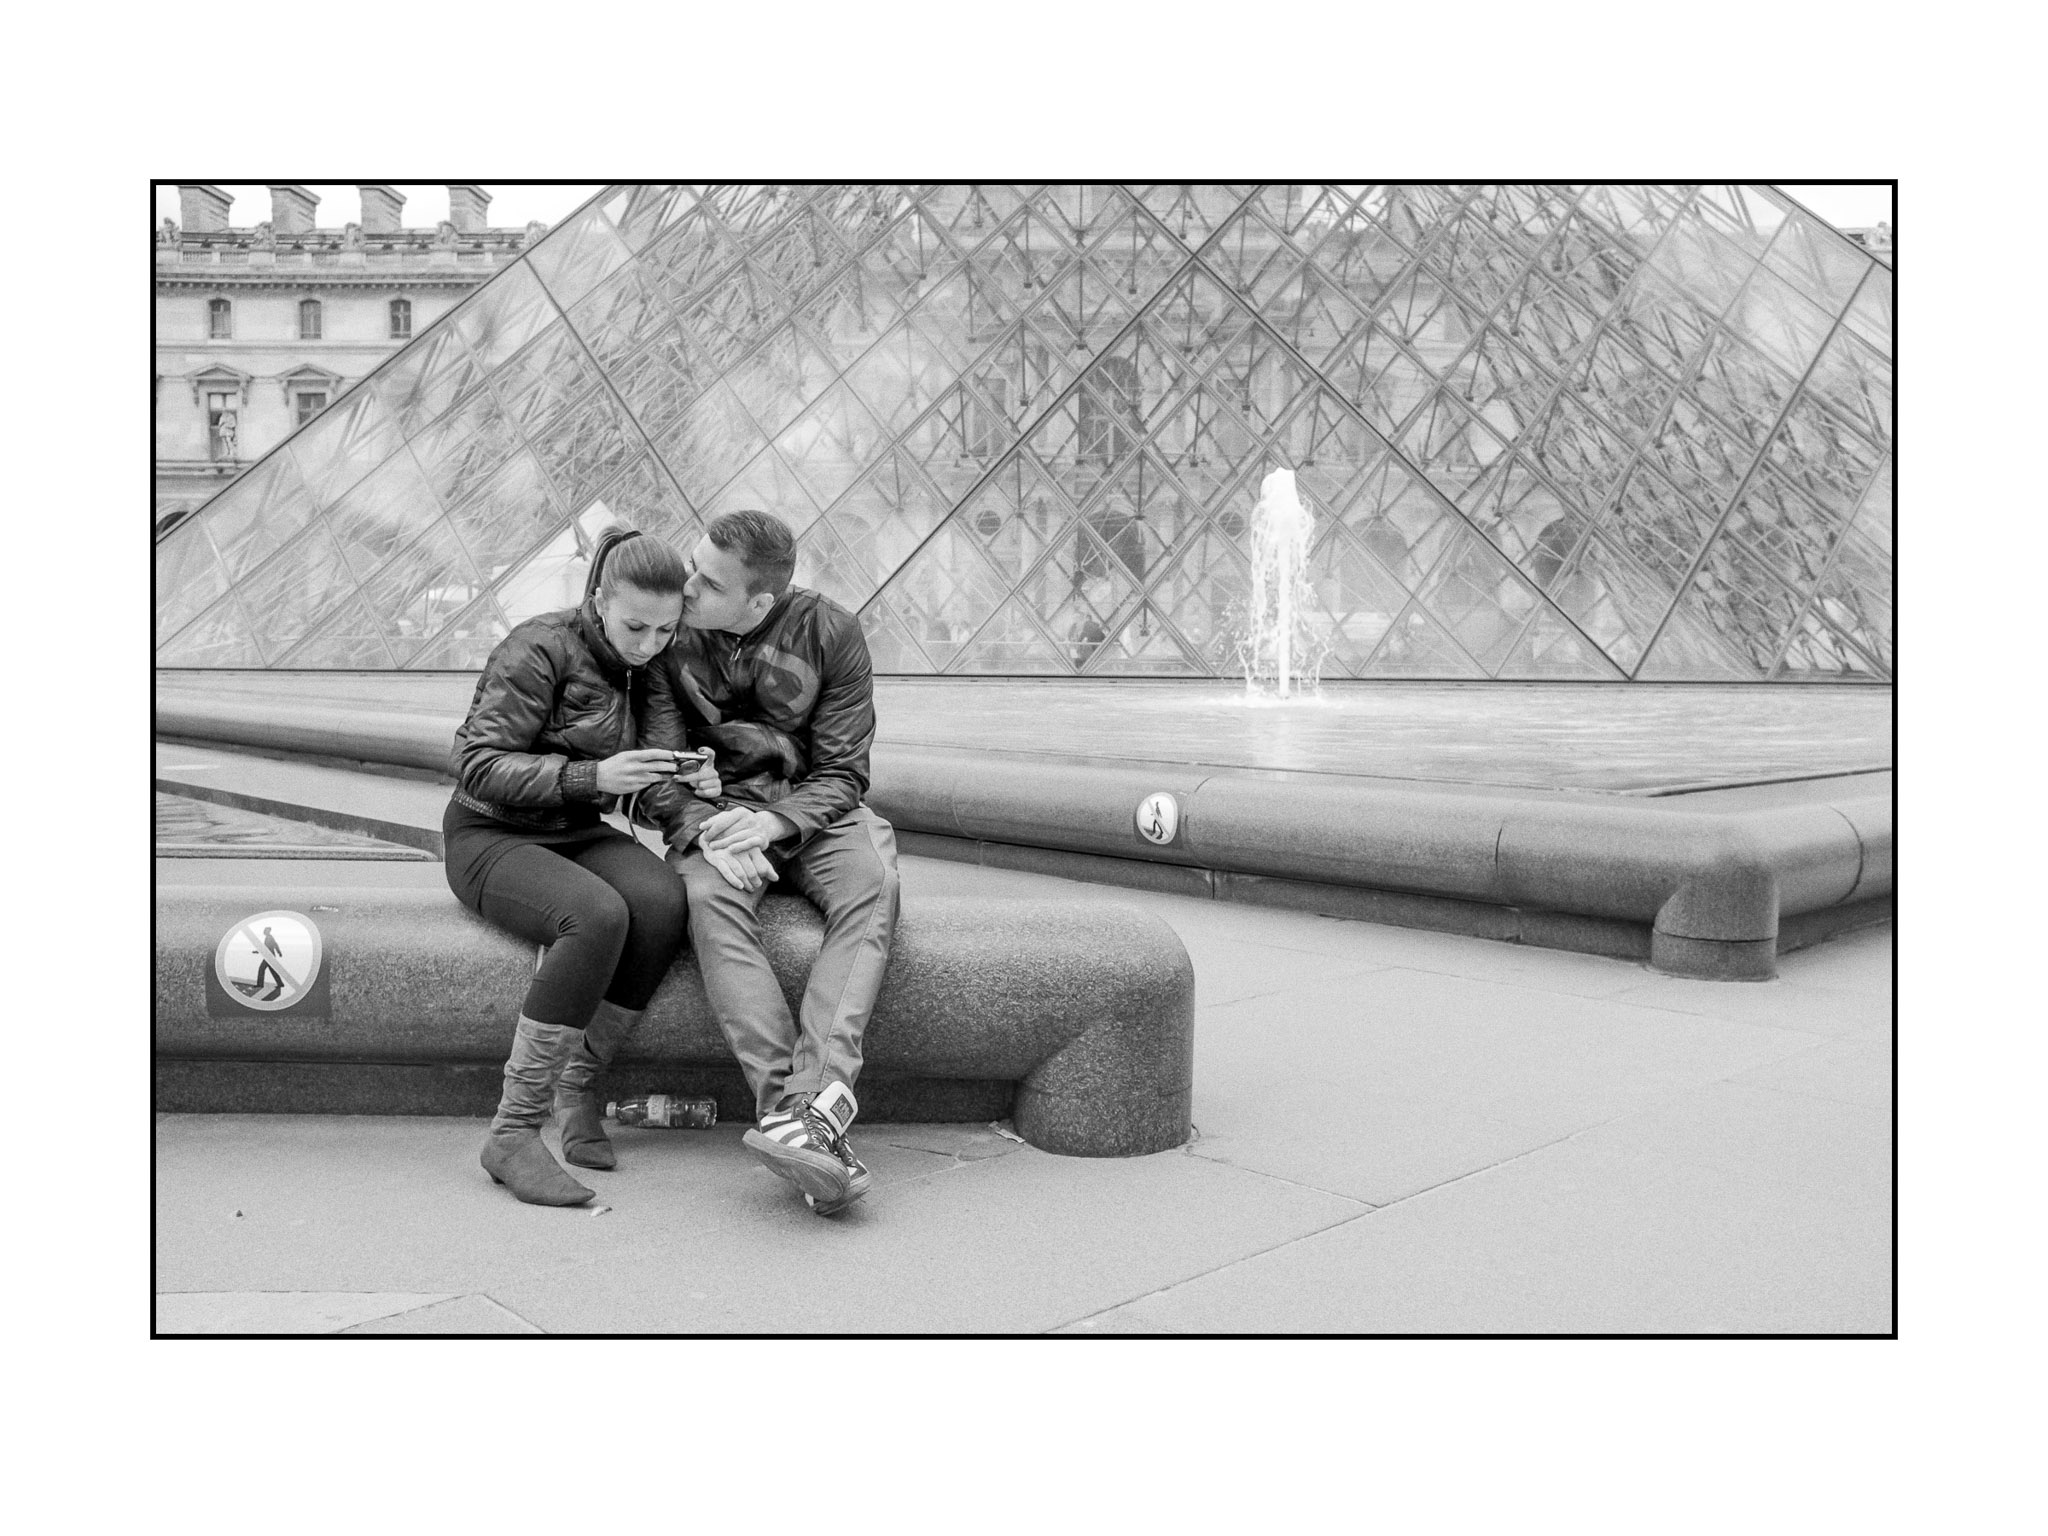 Le Louvre, Paris, France (2013)